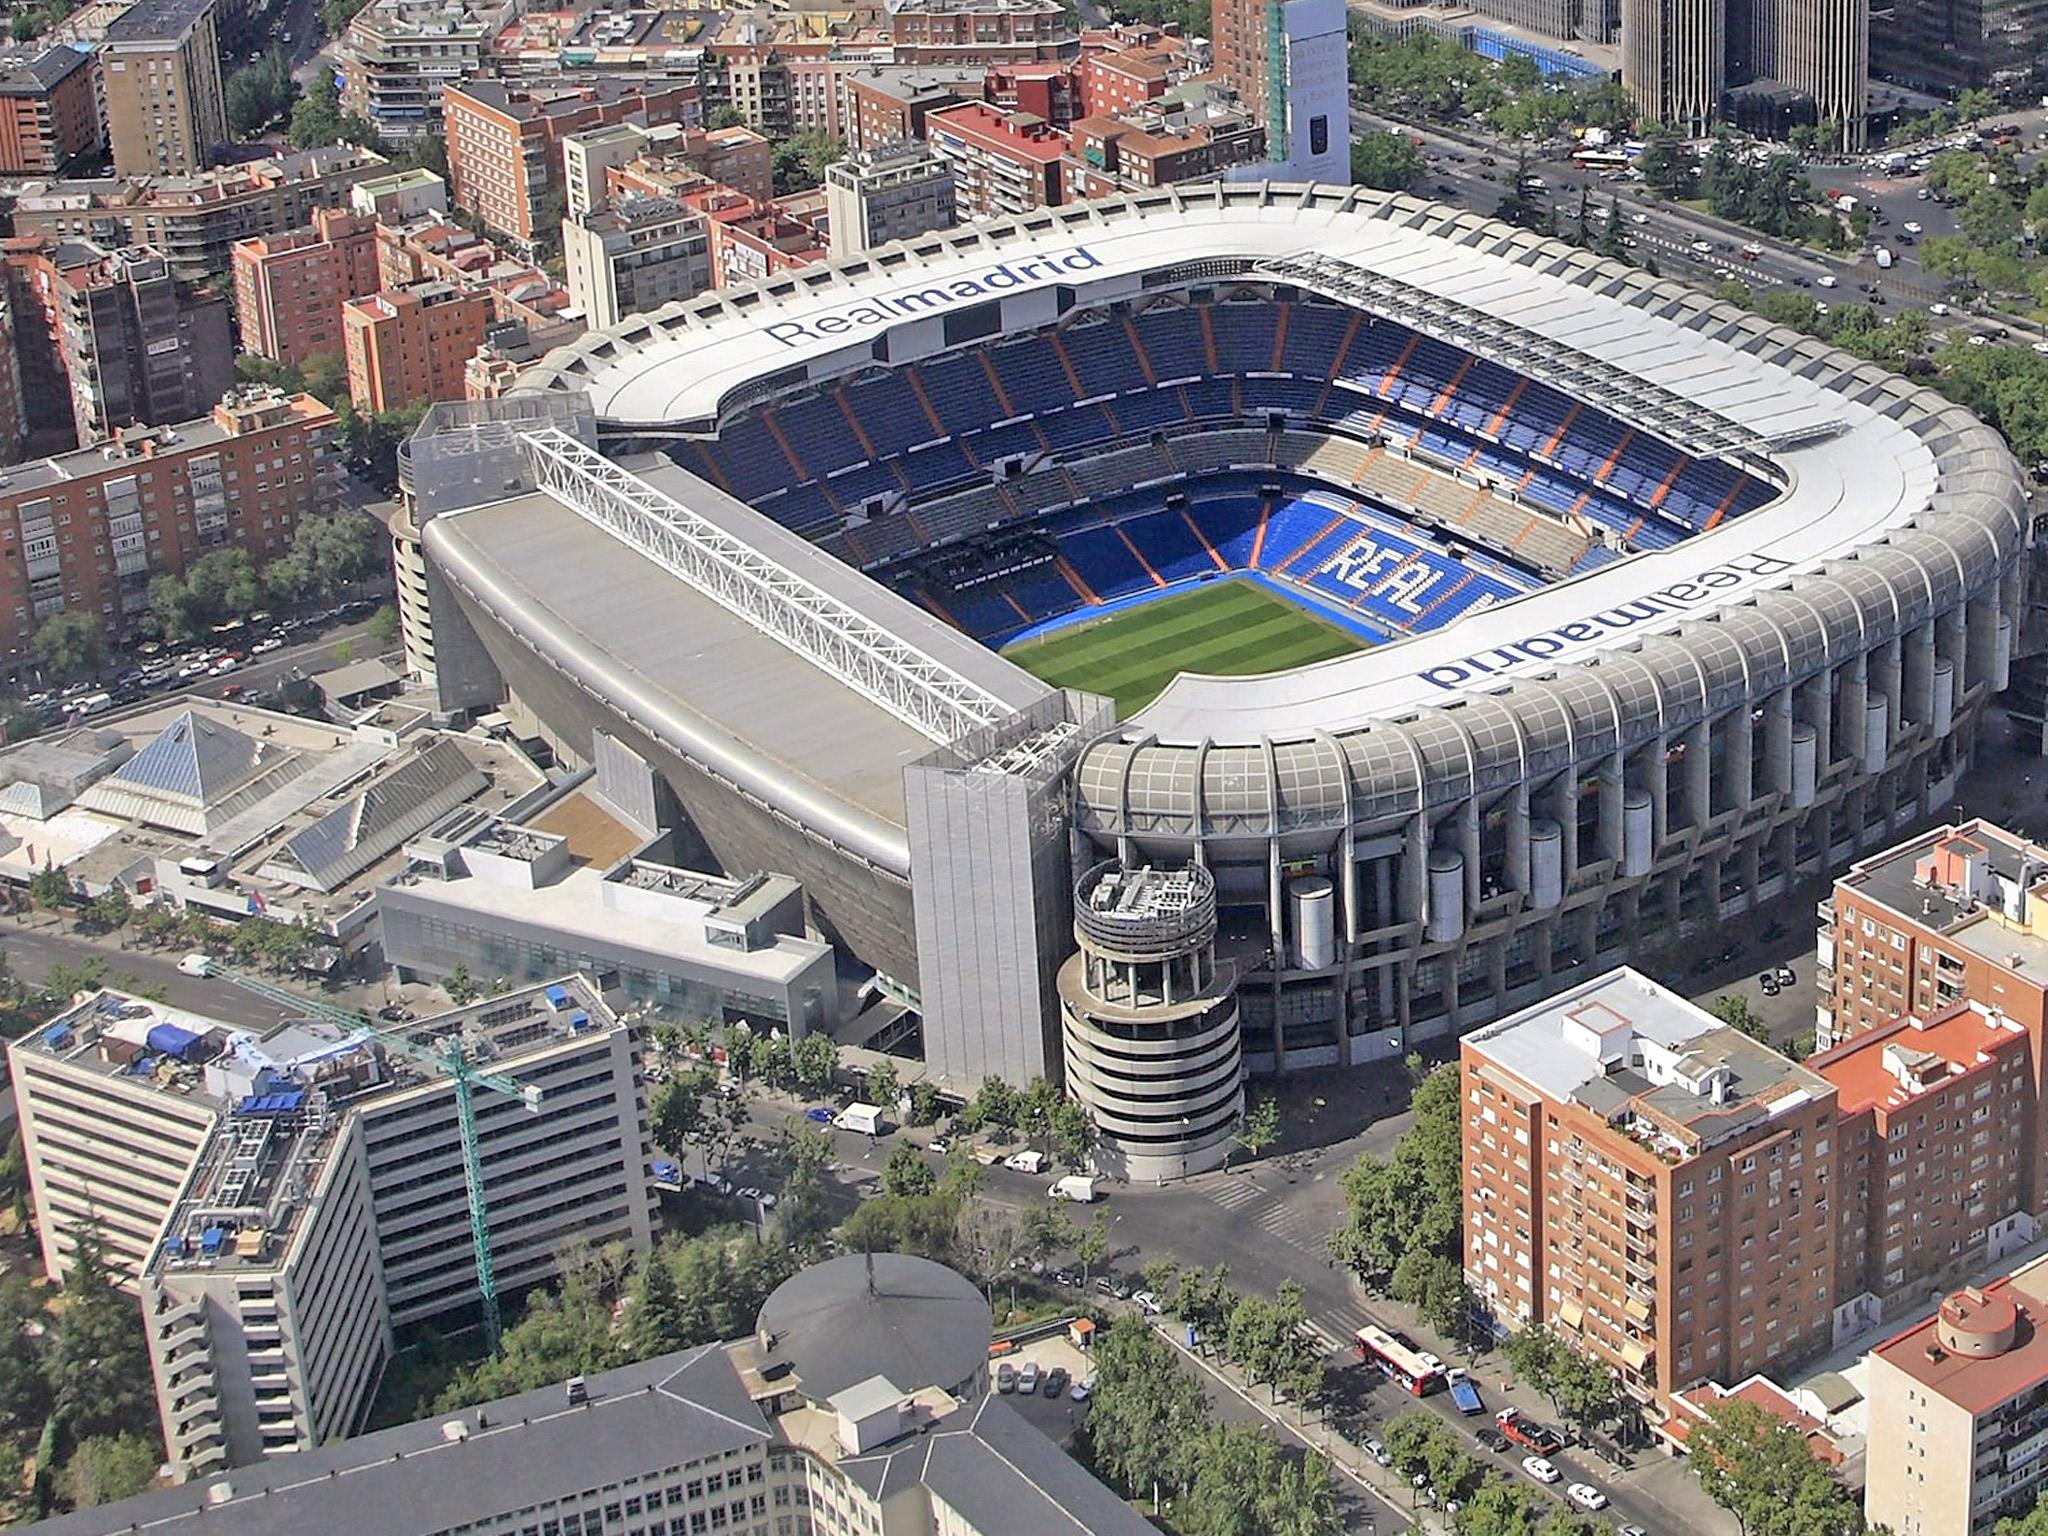 ملعب سانتياغو بيرنابيو Estadio Santiago Bernabéu